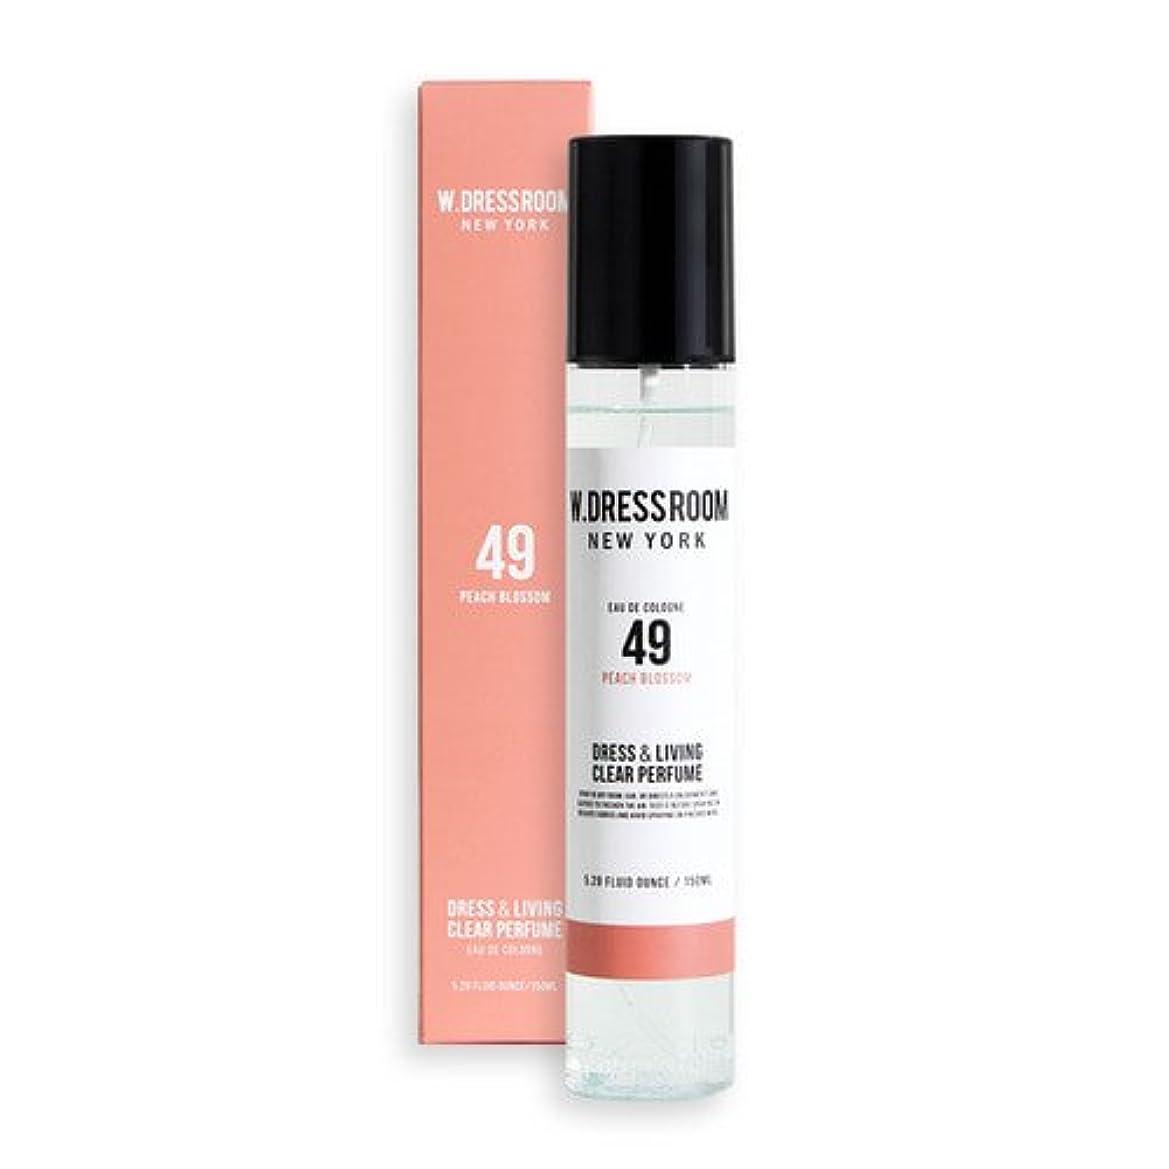 便宜とまり木シャンパンW.DRESSROOM Dress & Living Clear Perfume 150ml/ダブルドレスルーム ドレス&リビング クリア パフューム 150ml (#No.49 Peach Blossom) [並行輸入品]